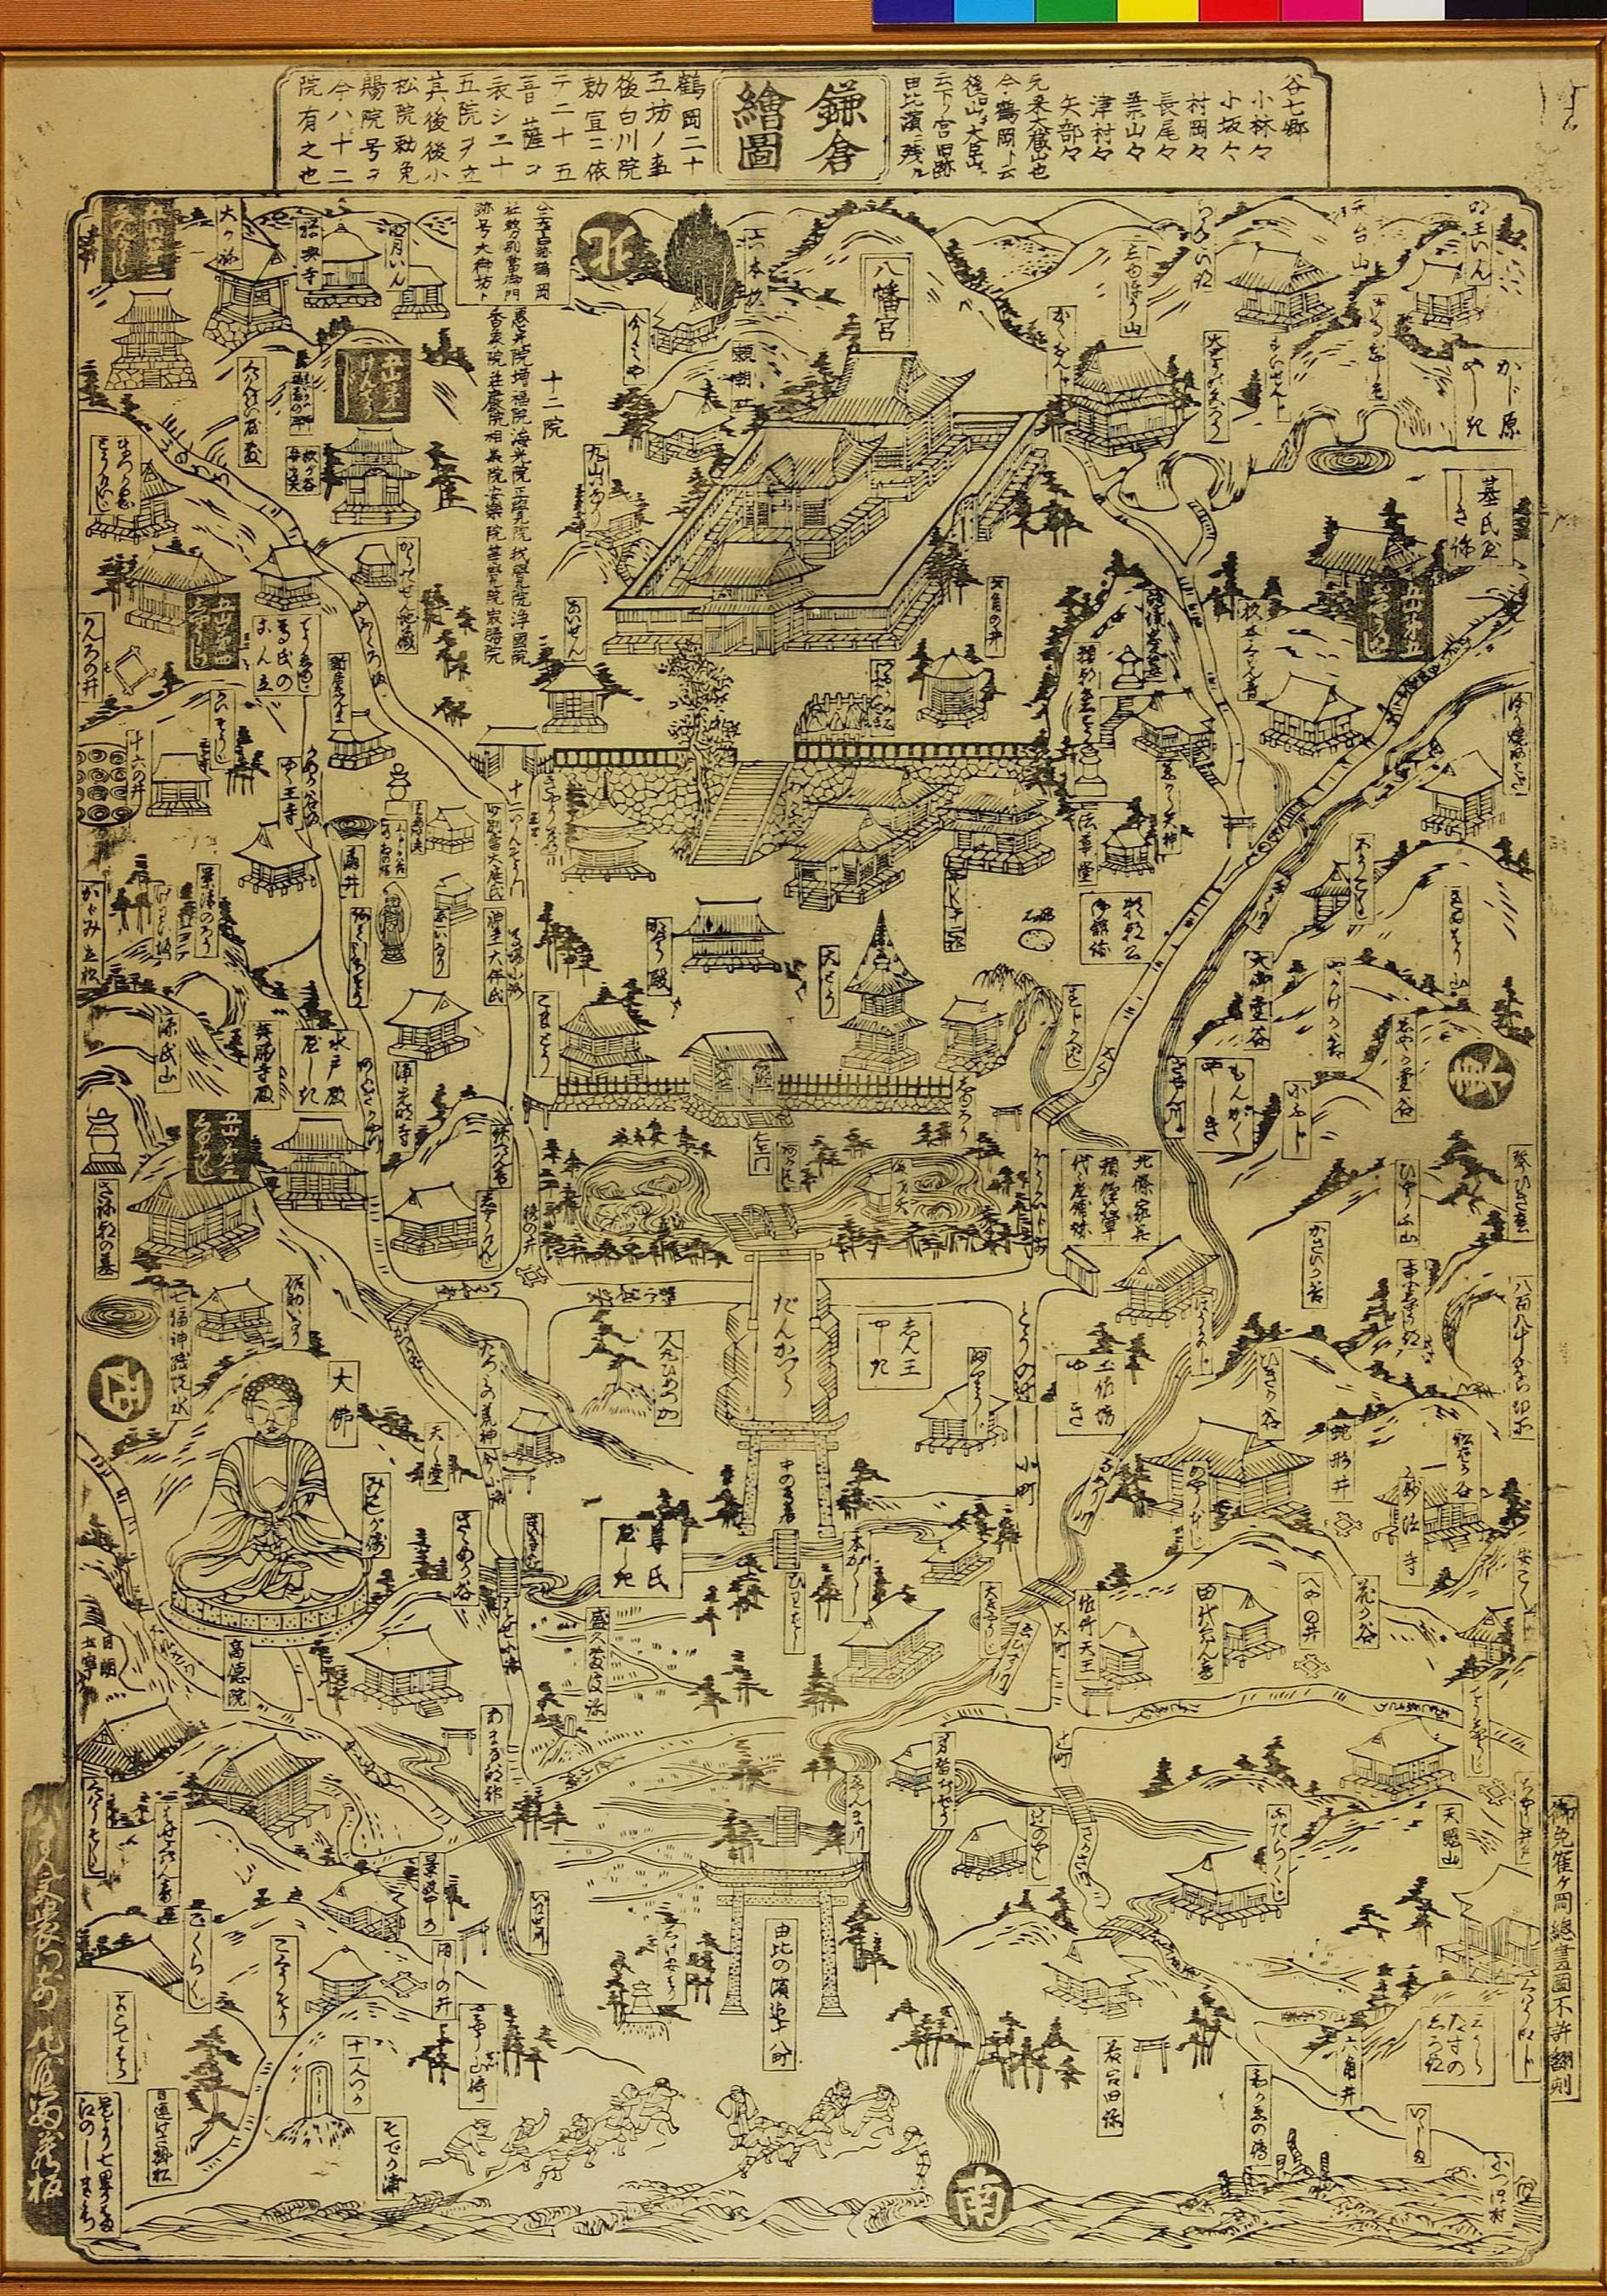 04.06 鎌倉絵図 (Illustrated Map of Kamakura)